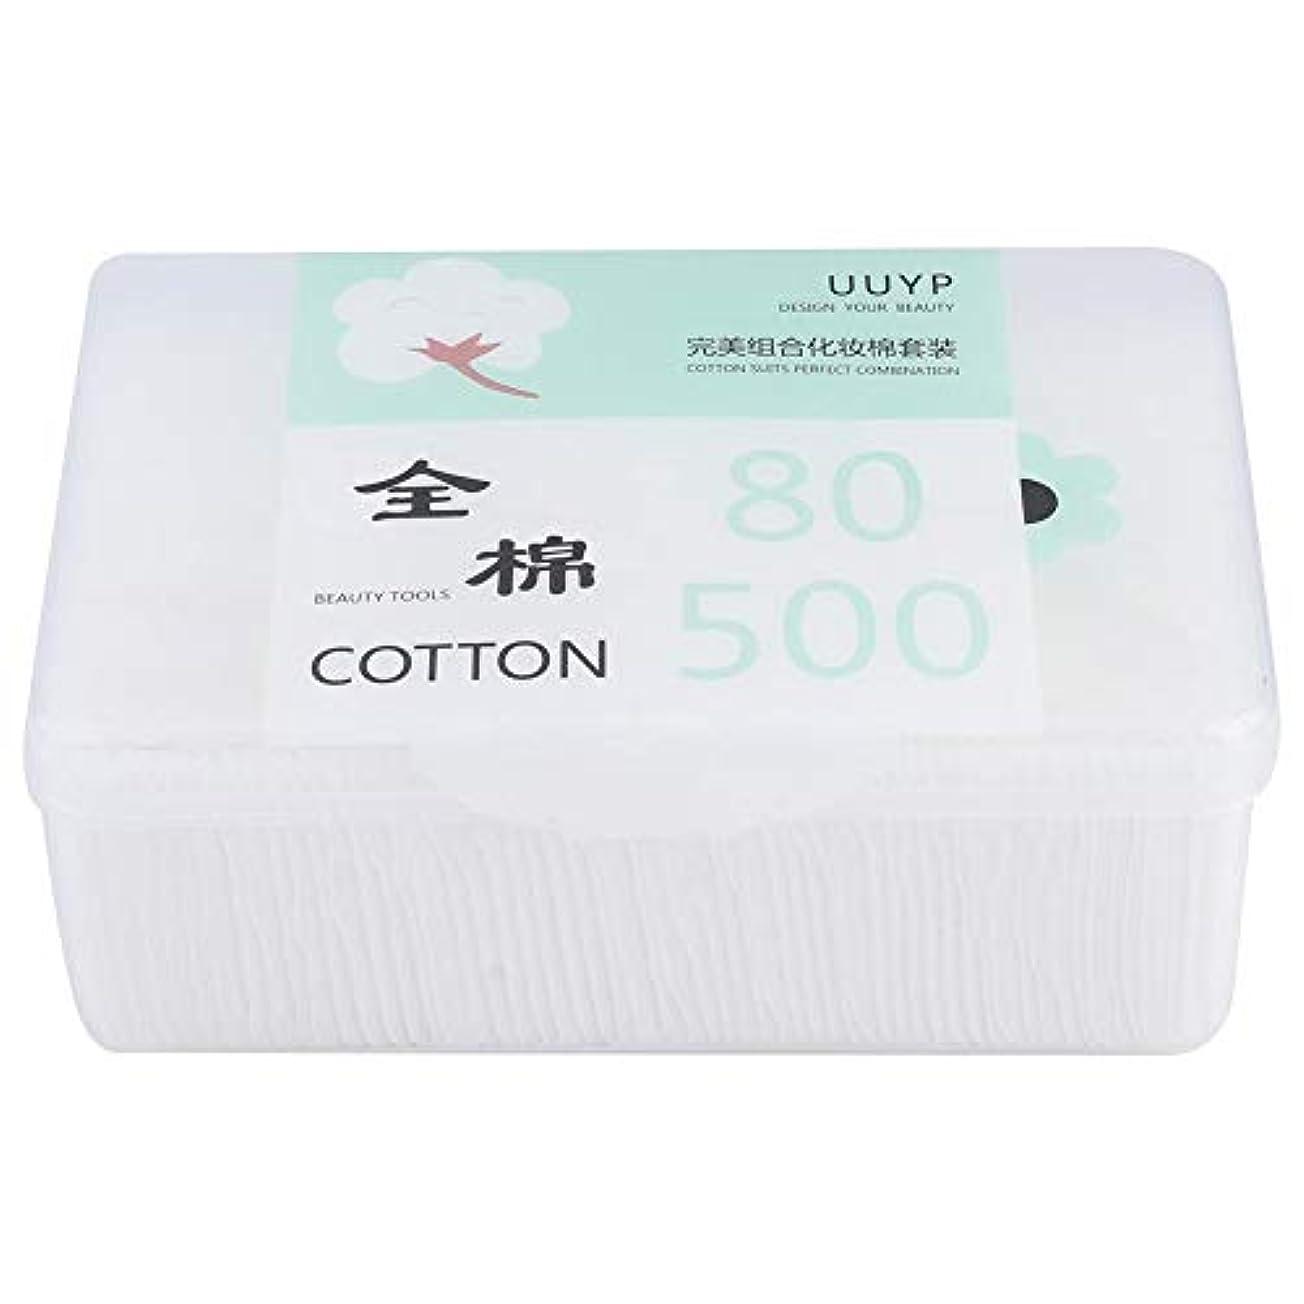 有効なアカウント白鳥使い捨て可能な綿パッドの構造の取り外しのワイプ、乾燥したぬれた使用のための表面清潔になるパッド(03)